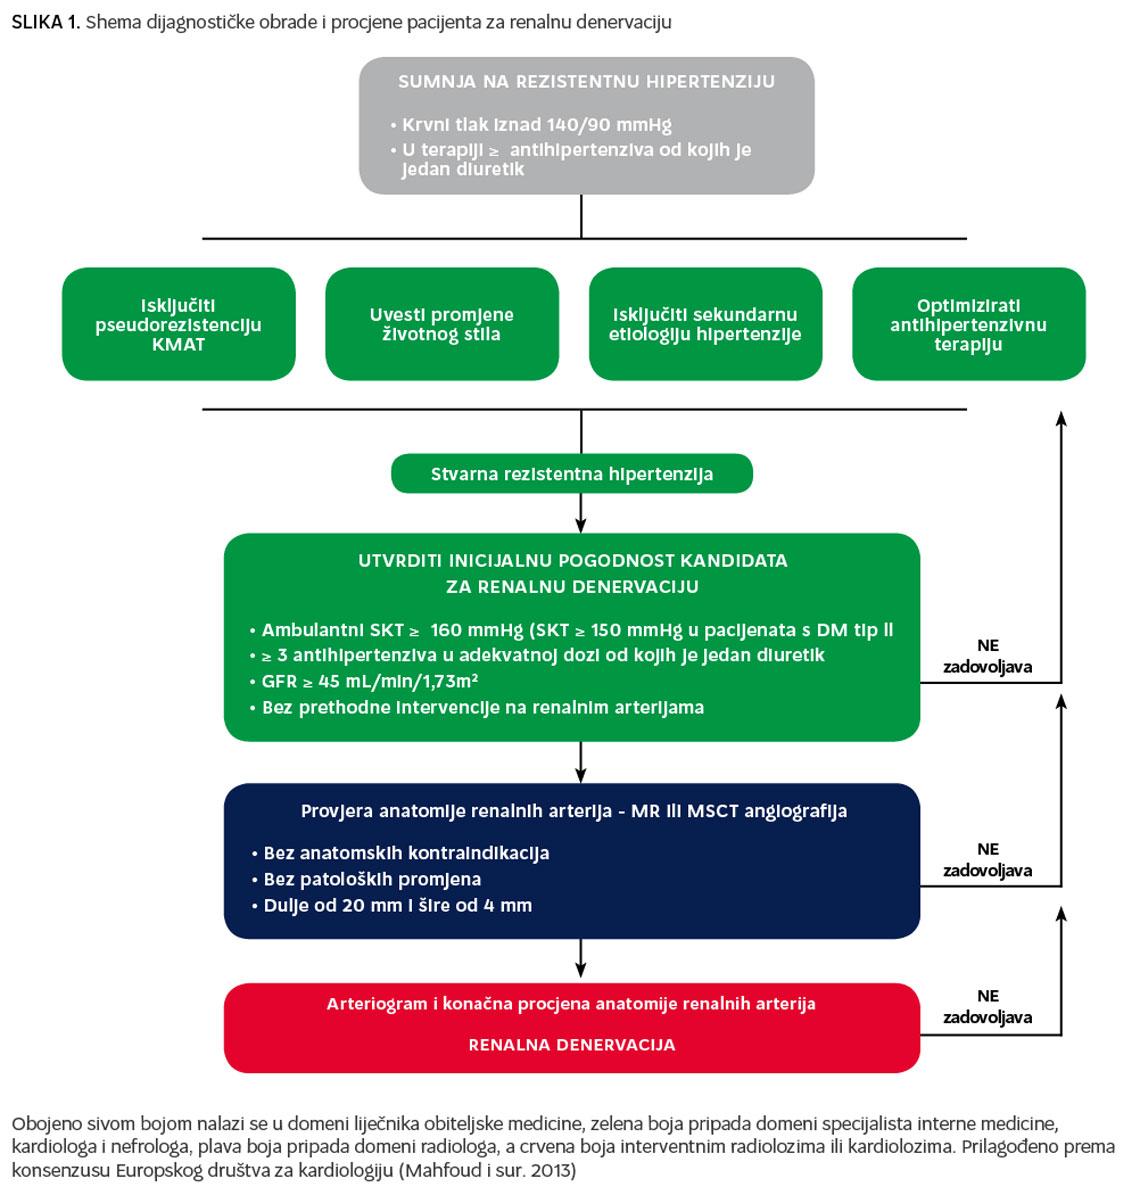 rizični čimbenici i uzroci hipertenzije)